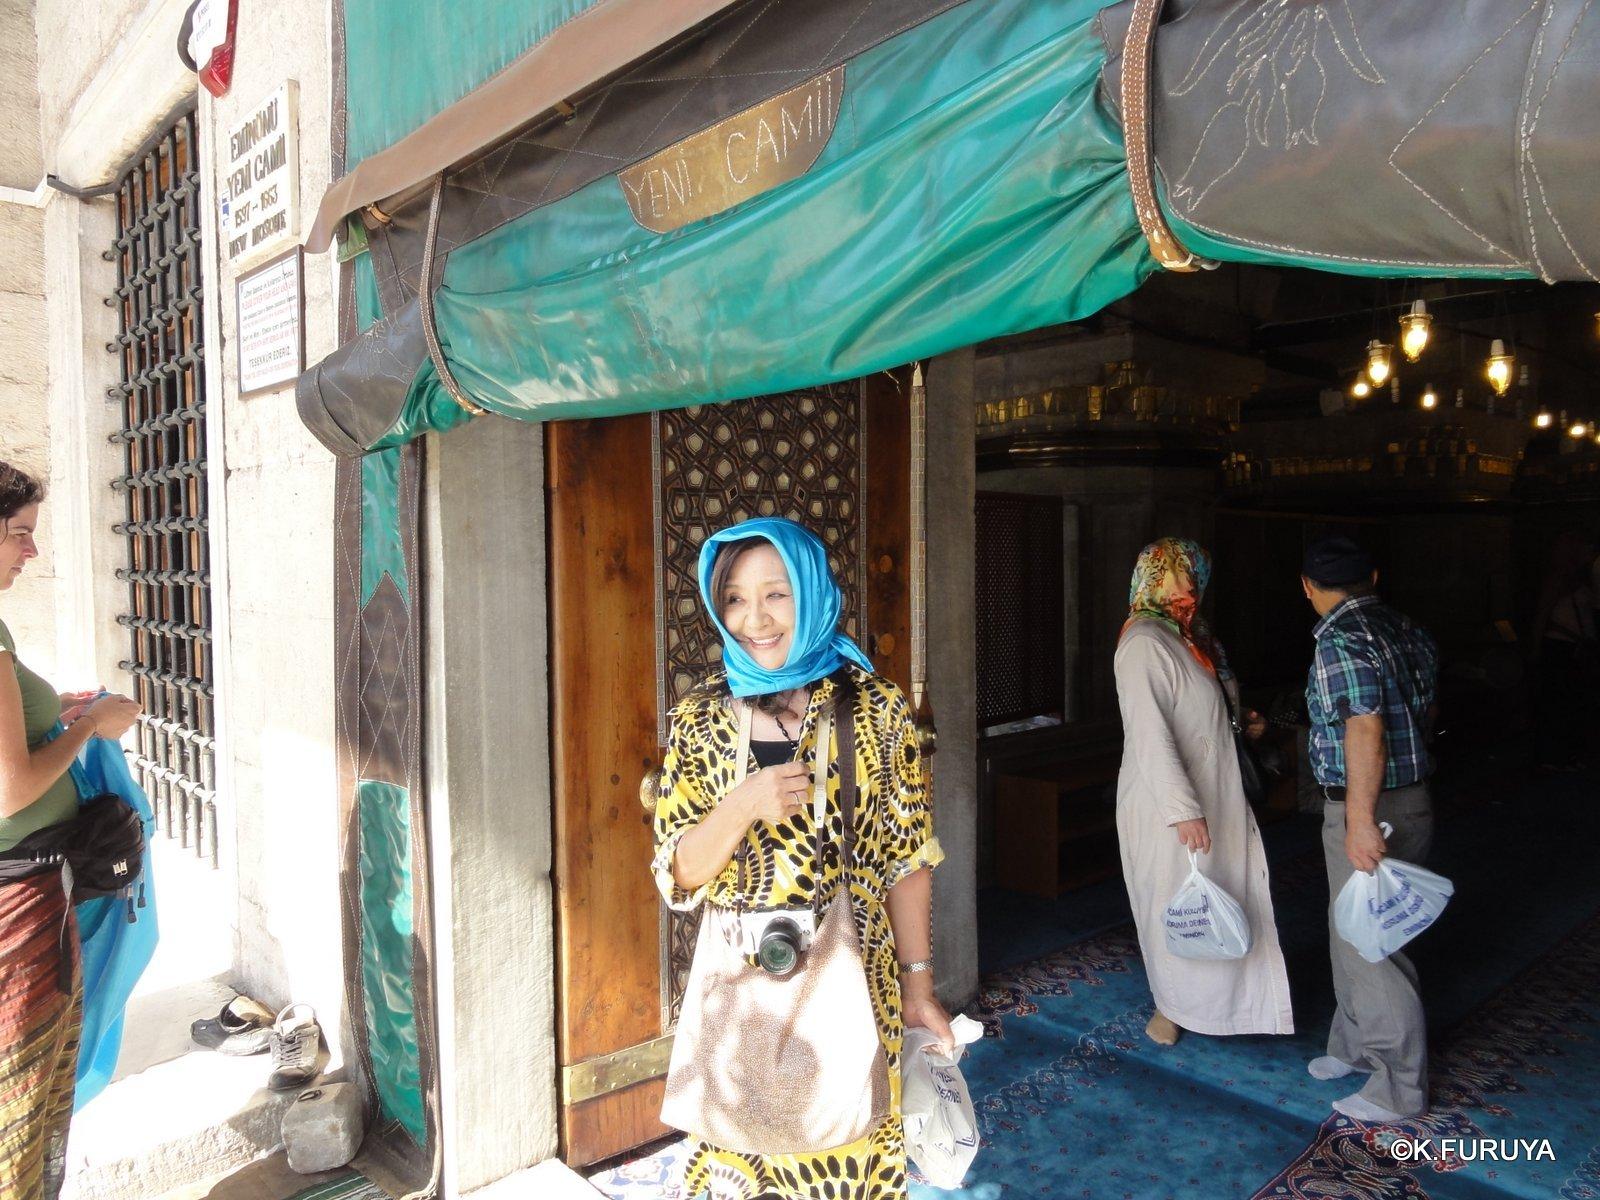 トルコ旅行記 37 イスタンブール旧市街その1_a0092659_18294426.jpg